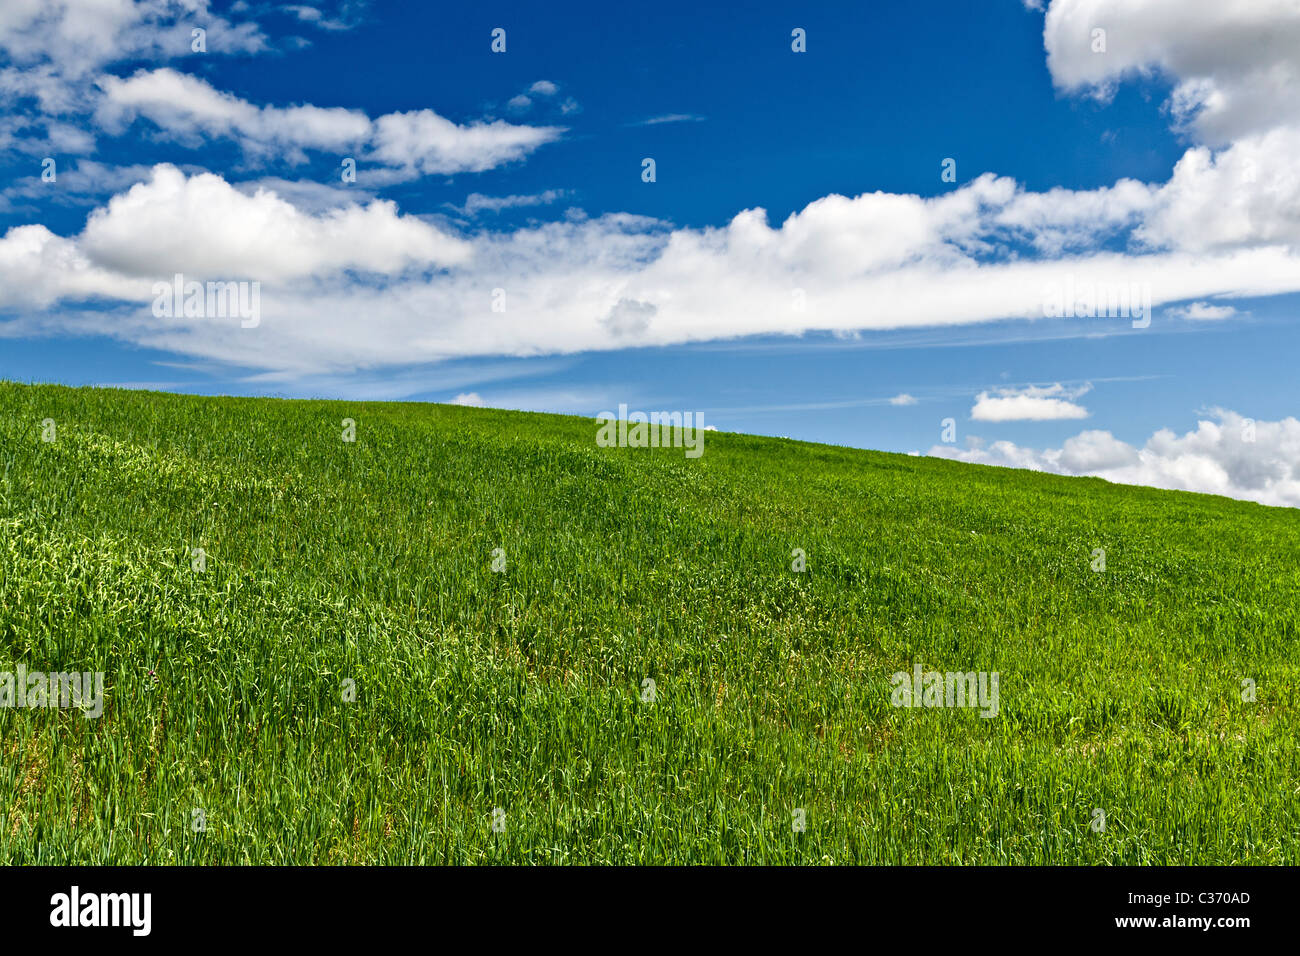 Grünes Feld mit blauem Himmel und Wolken im Hintergrund Stockbild